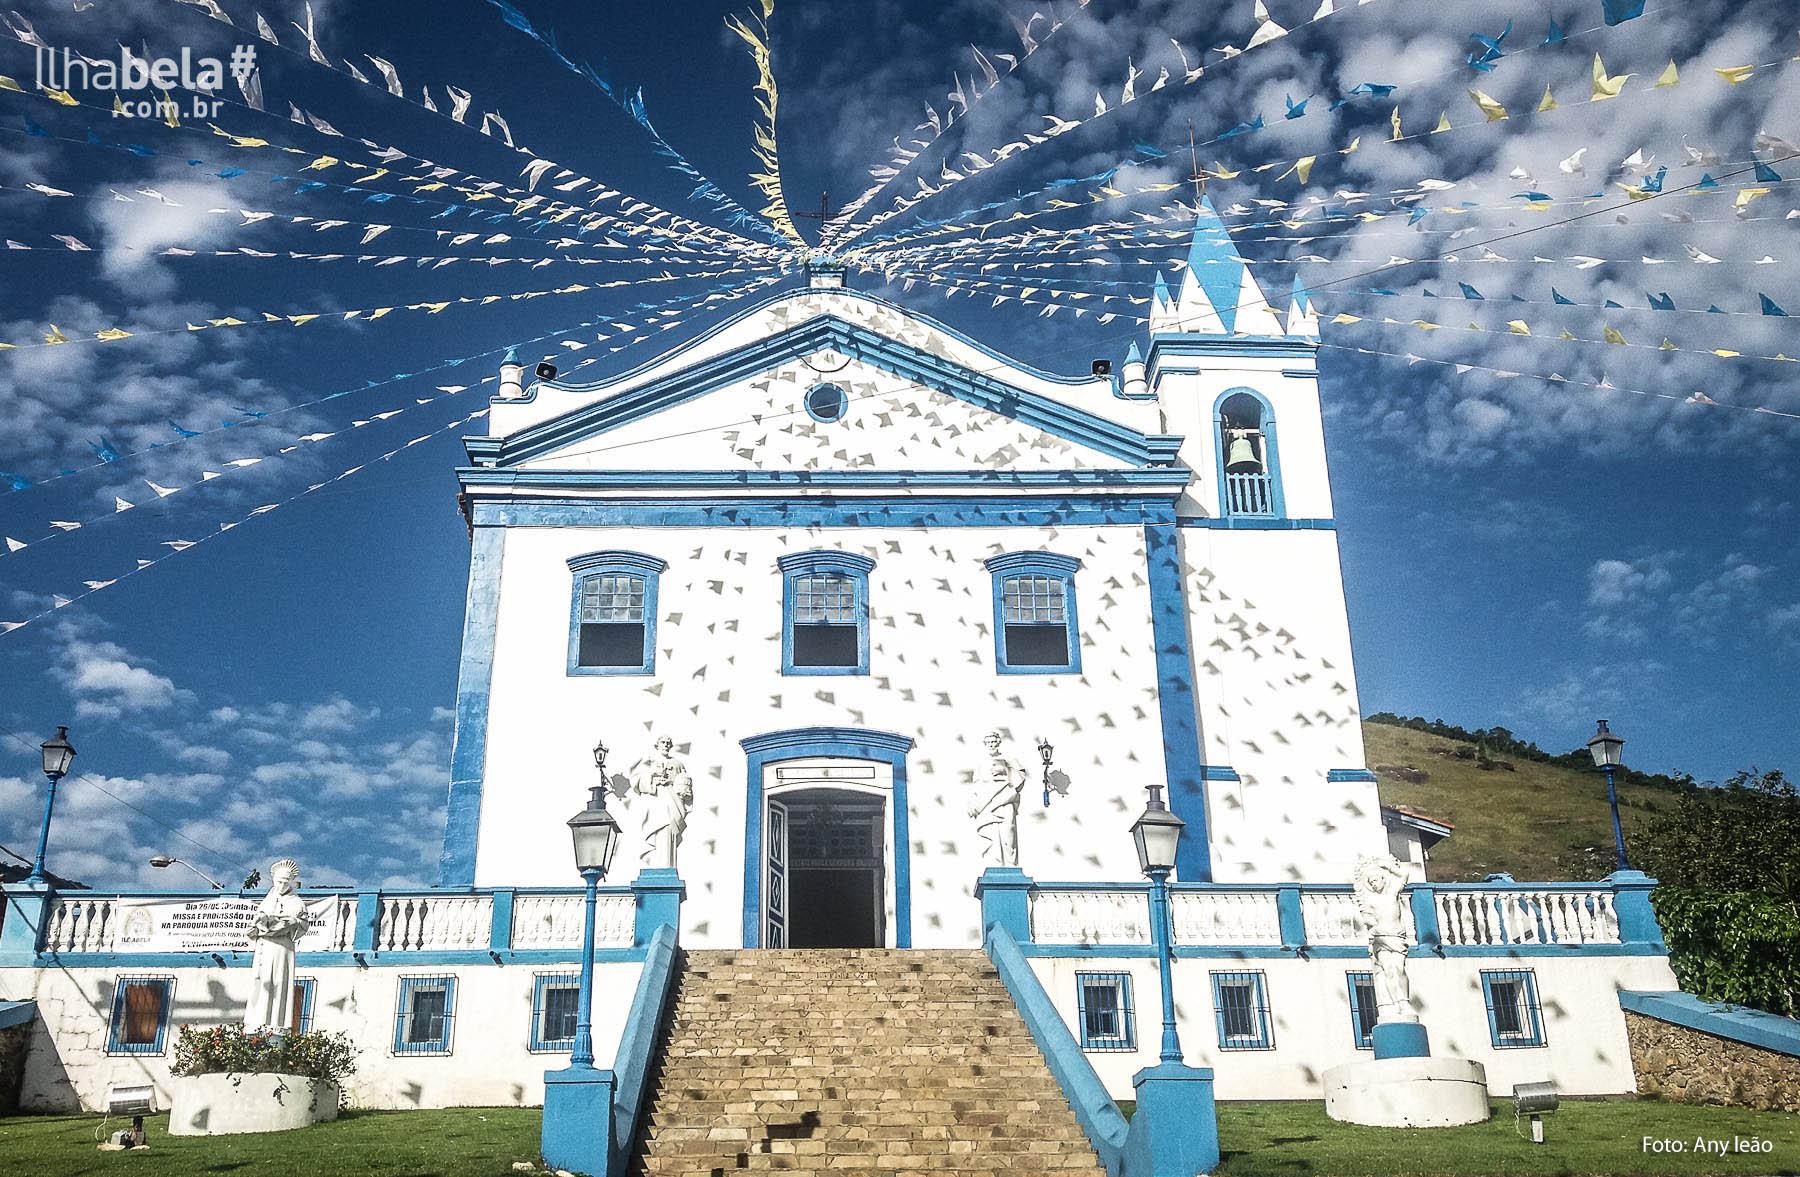 Igreja Nossa Senhora D'Ajuda - Ilhabela (foto: Any Leão)